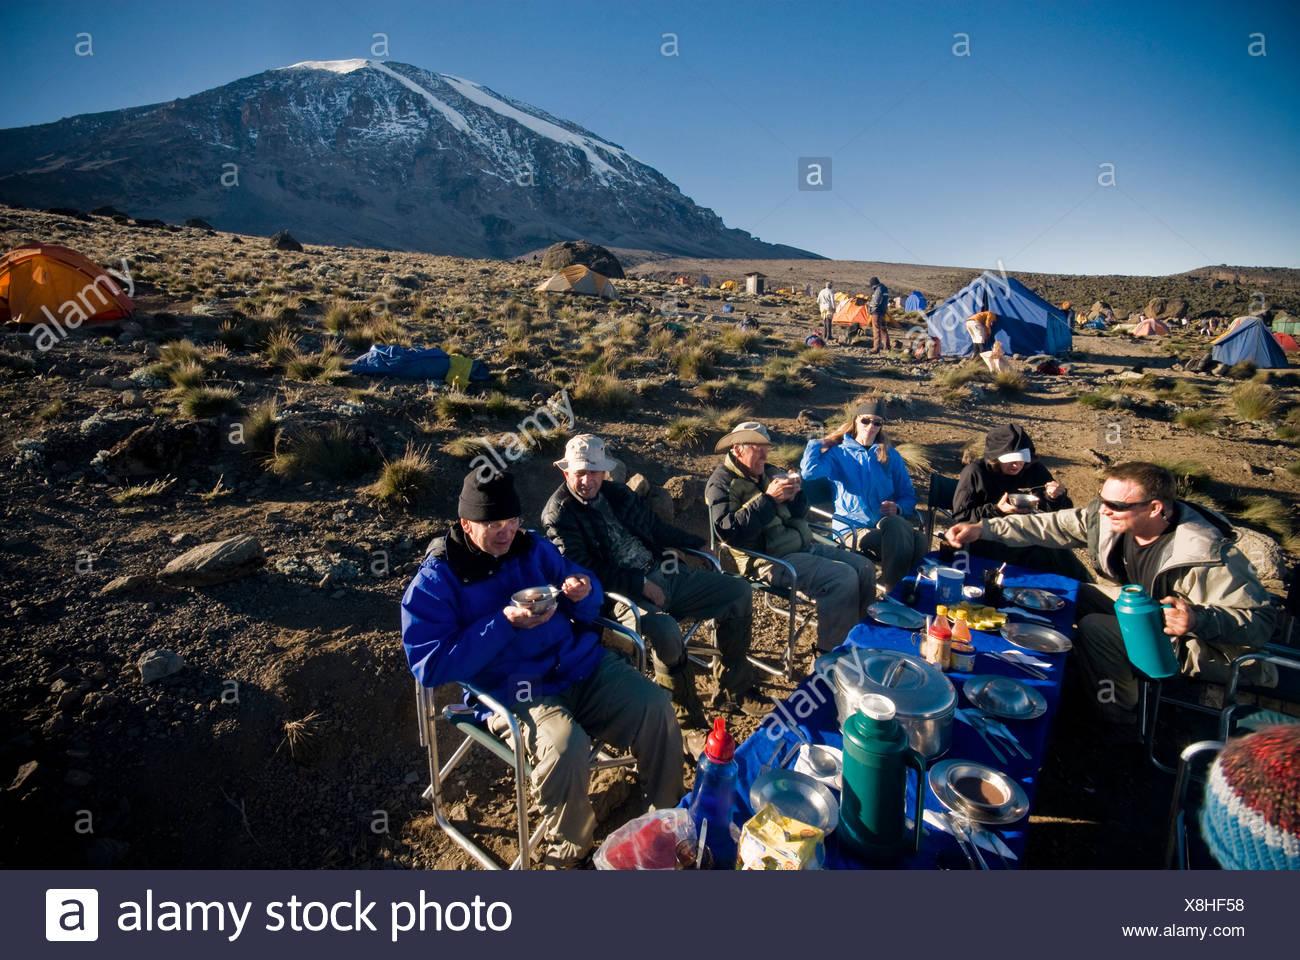 Un grupo de excursionistas tienen un agradable desayuno al amanecer sobre 1000 pies por debajo de la cima del Mt. Kilimanjaro. Imagen De Stock